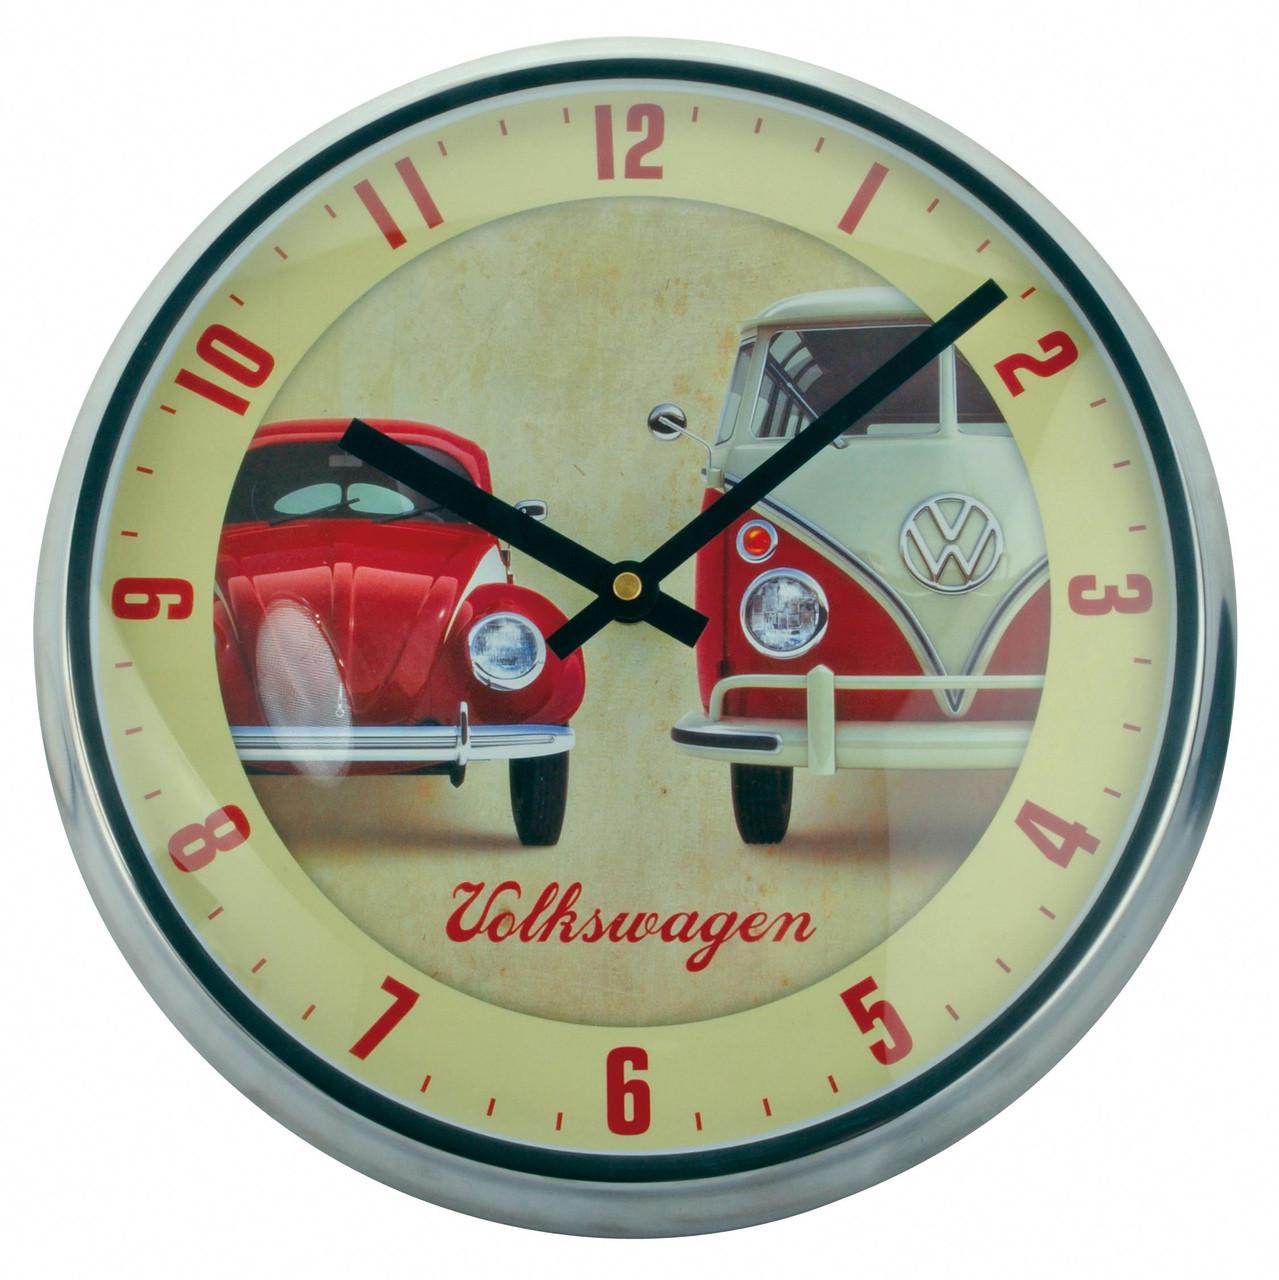 Official Vw Vintage Campervan Beetle Wall Clock